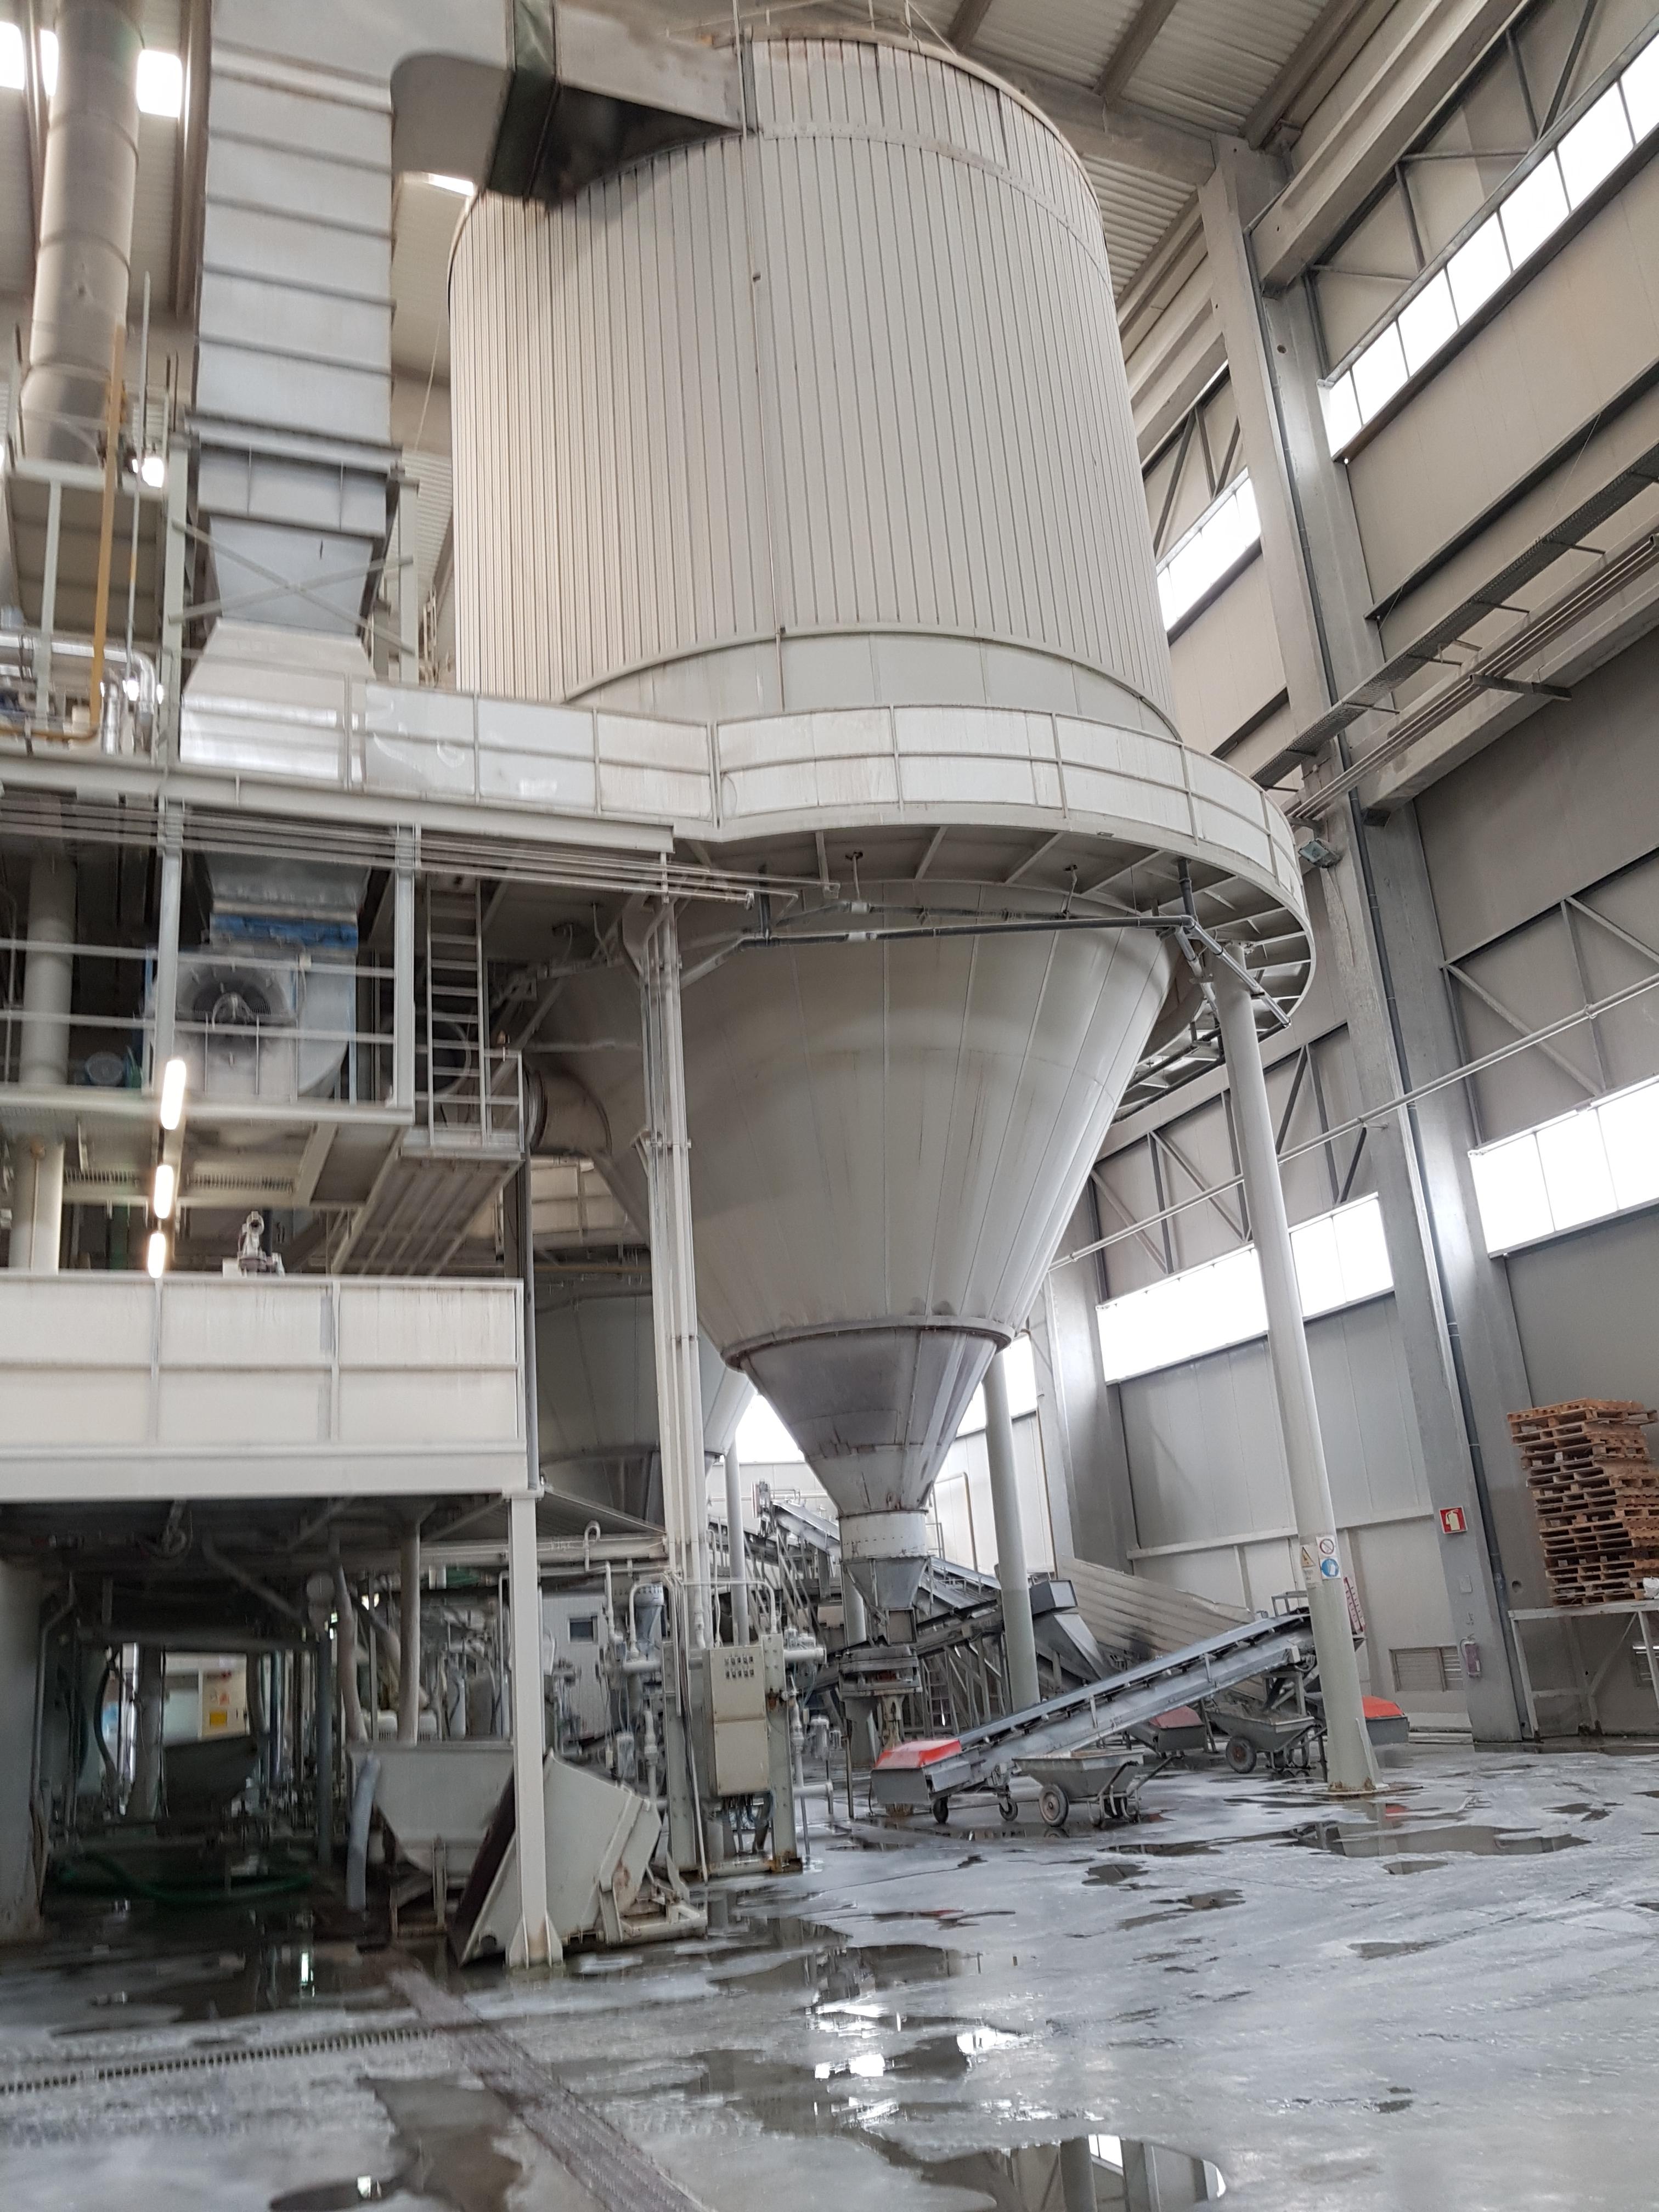 Visite d'une usine de fabrication de céramique.